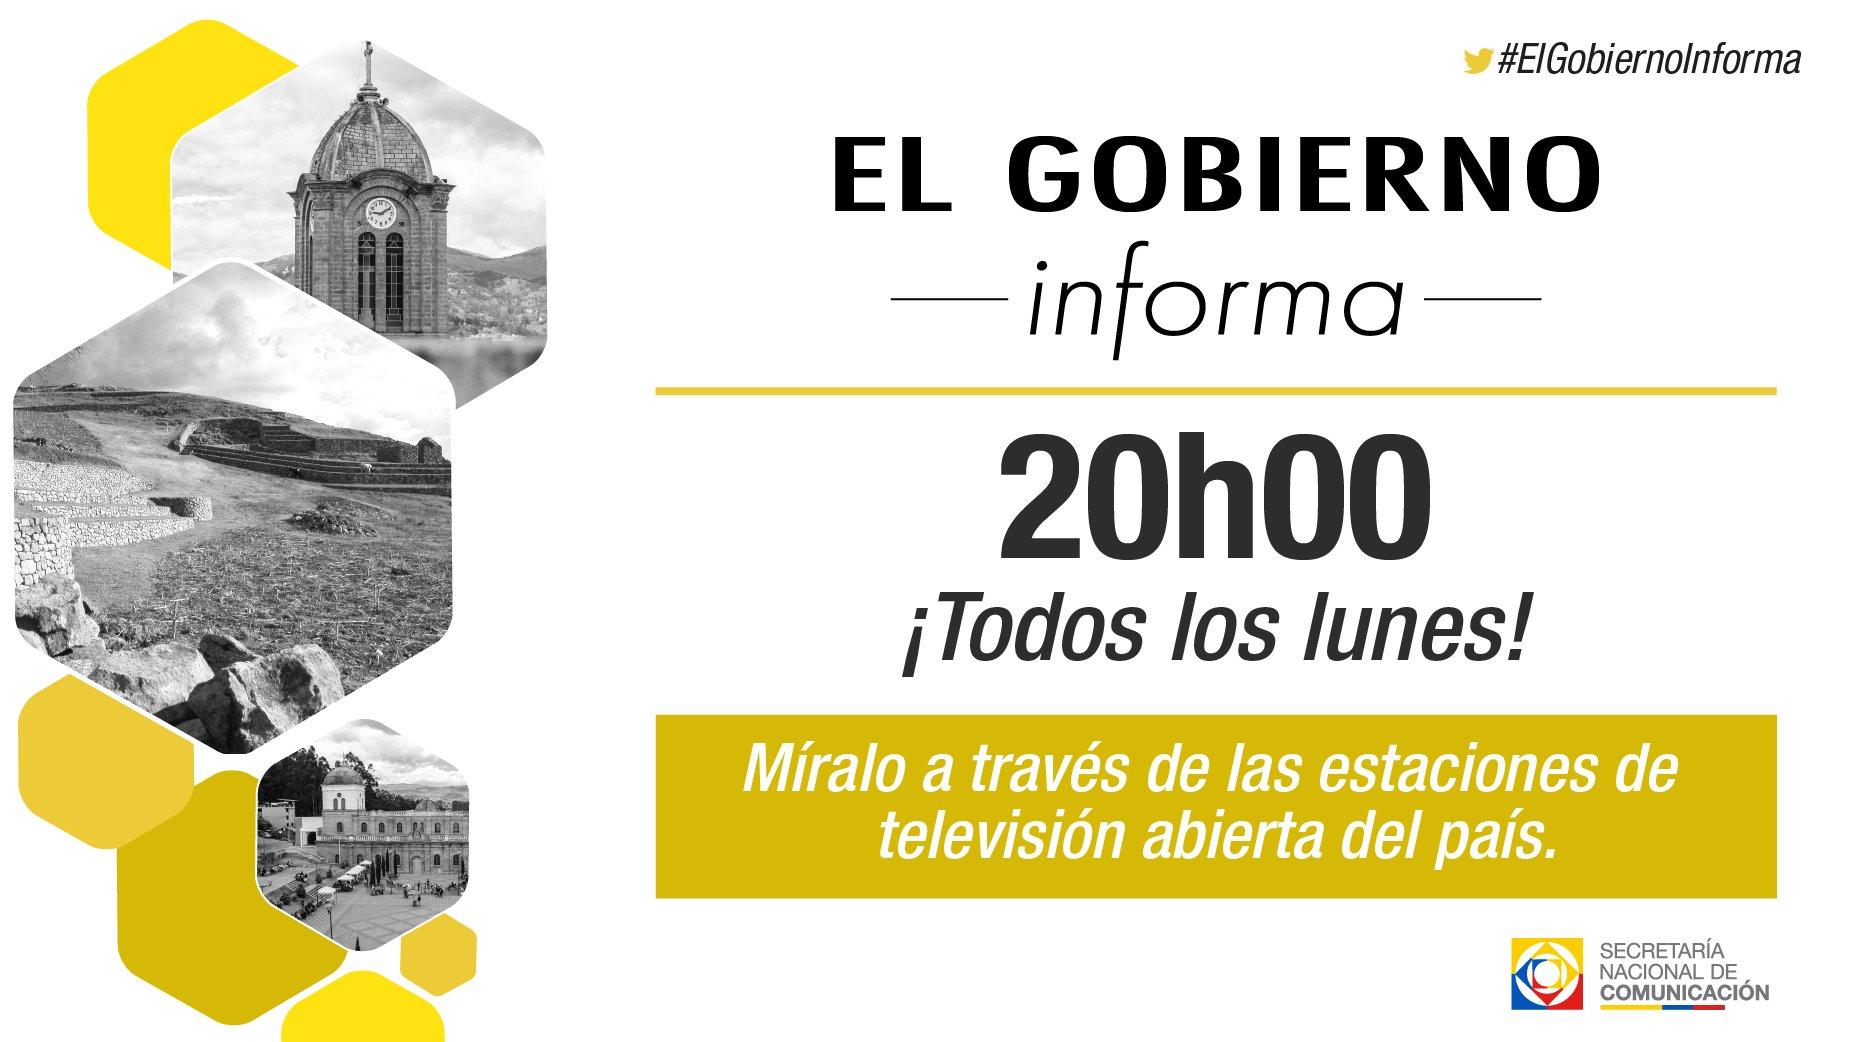 HOY 20h00 | Conoce la información gubernamental más relevante de la semana en #ElGobiernoInforma https://t.co/FShwm9IFBv